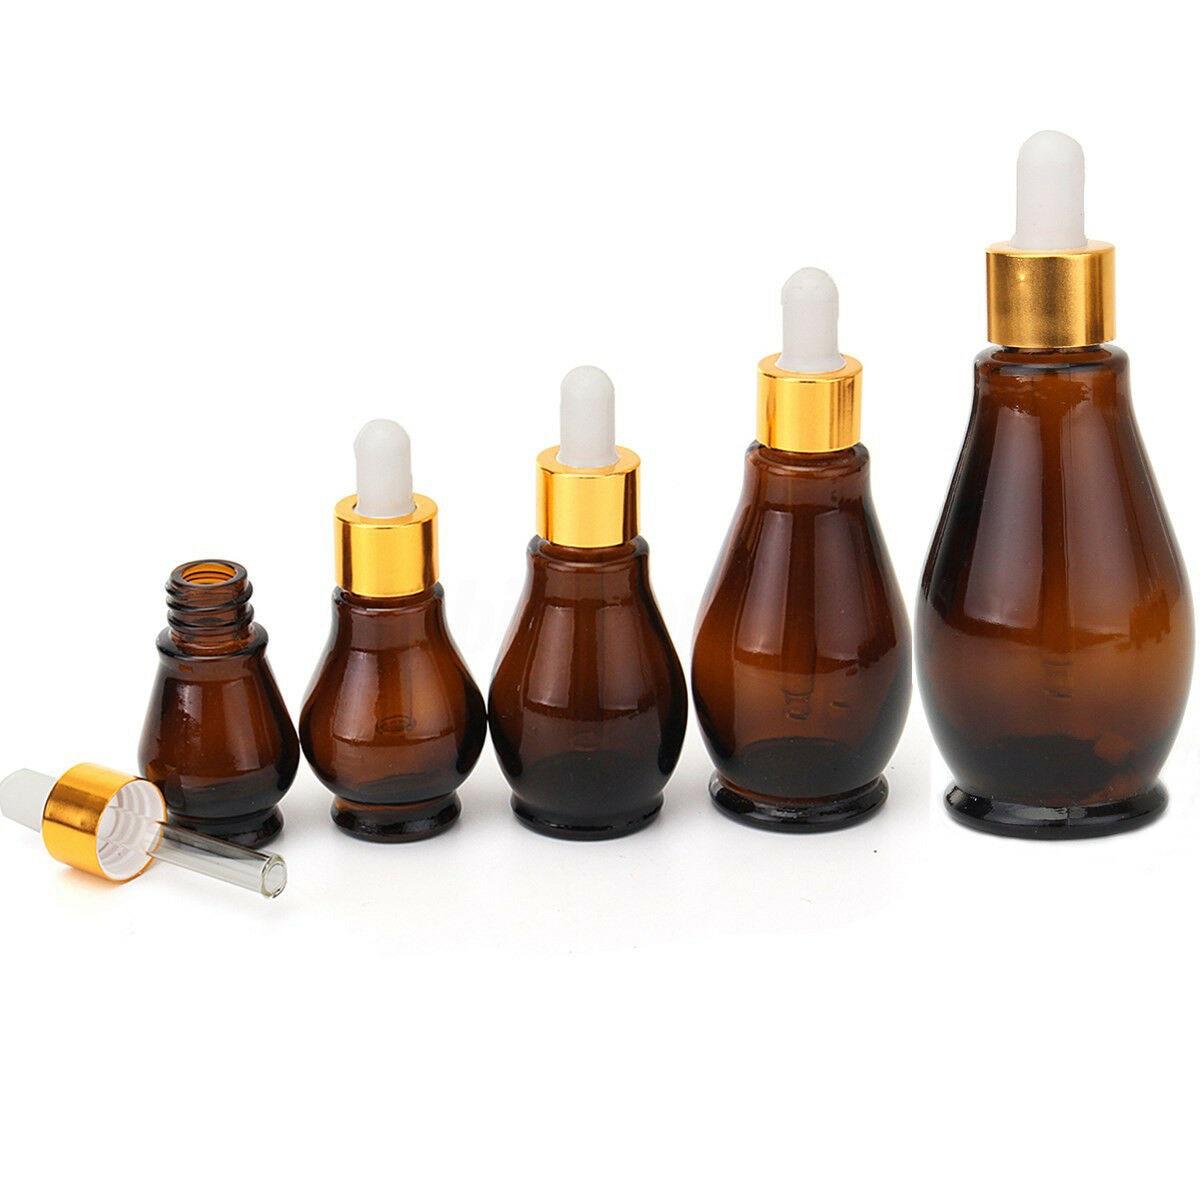 1 pces 10/20/30/50/100ml tampa de ouro vazio vidro âmbar garrafas conta-gotas de cabaça óleo essencial aromaterapia pipeta recipientes recarregáveis